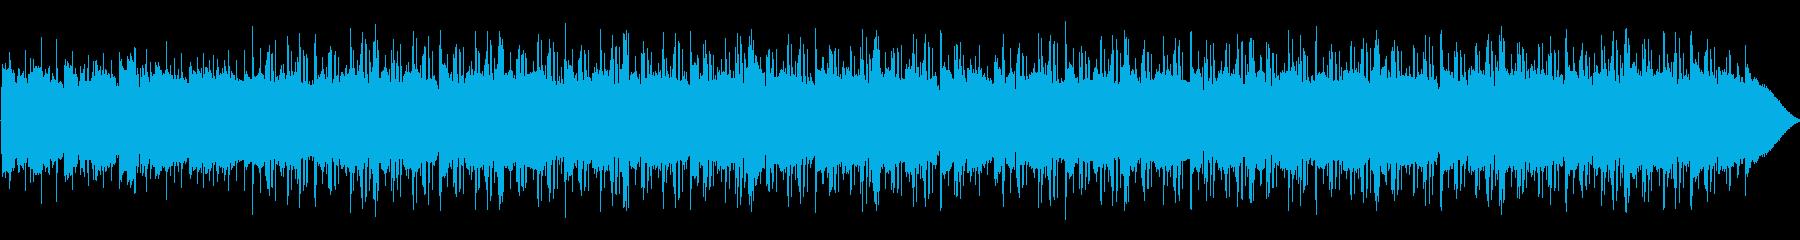 kawaii・R&B・夜のガールズトークの再生済みの波形